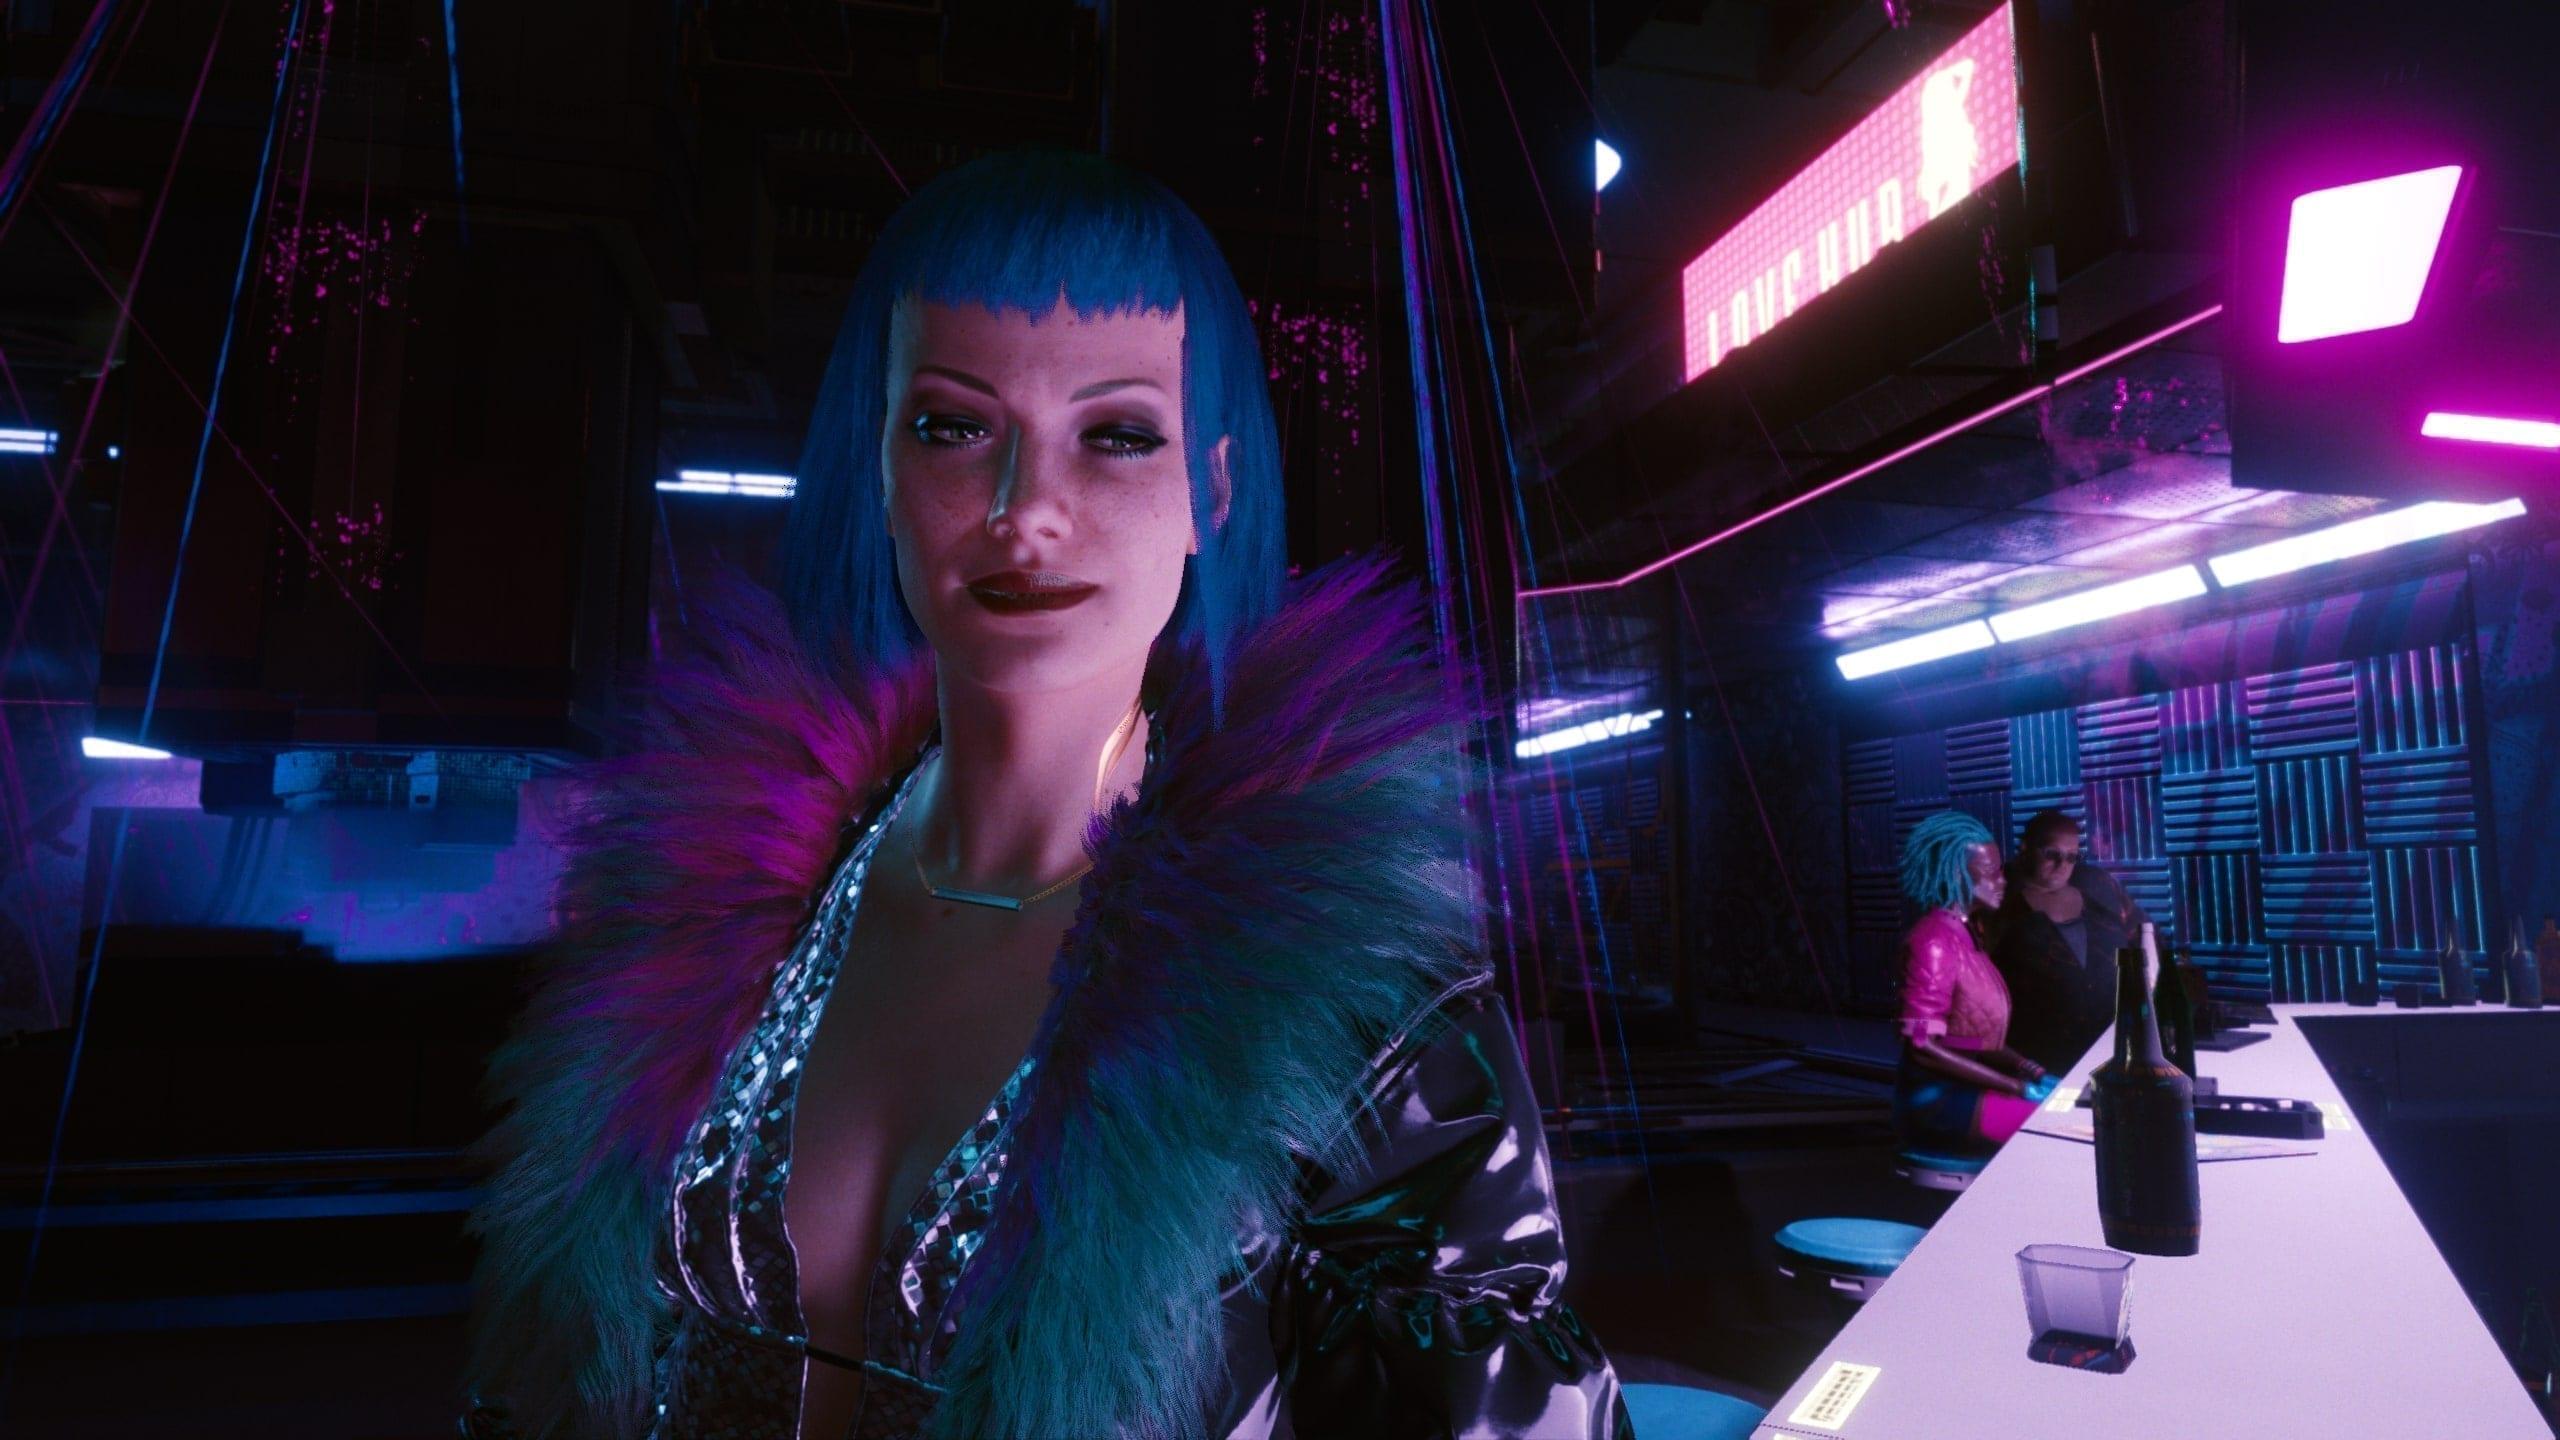 Screenshot aus dem Spiel Cyberpunk 2077